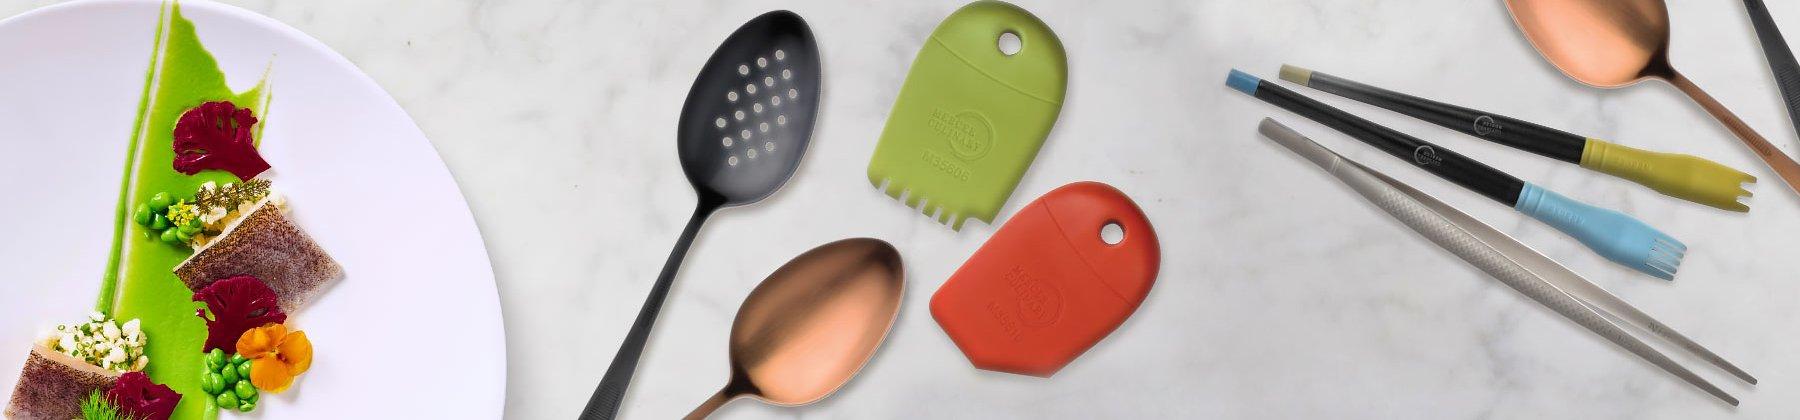 Photo of garnishing tools.